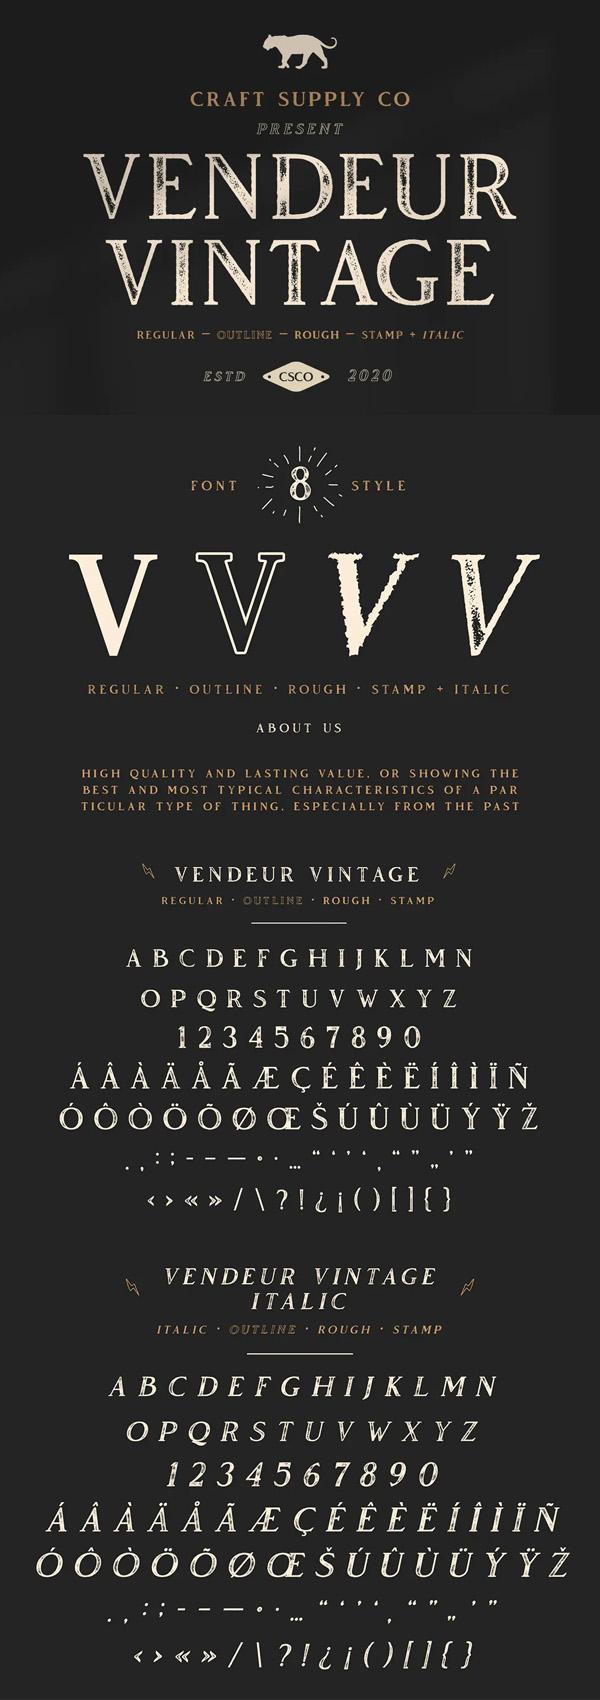 Vendeur Vintage Font Family | 8 Fonts